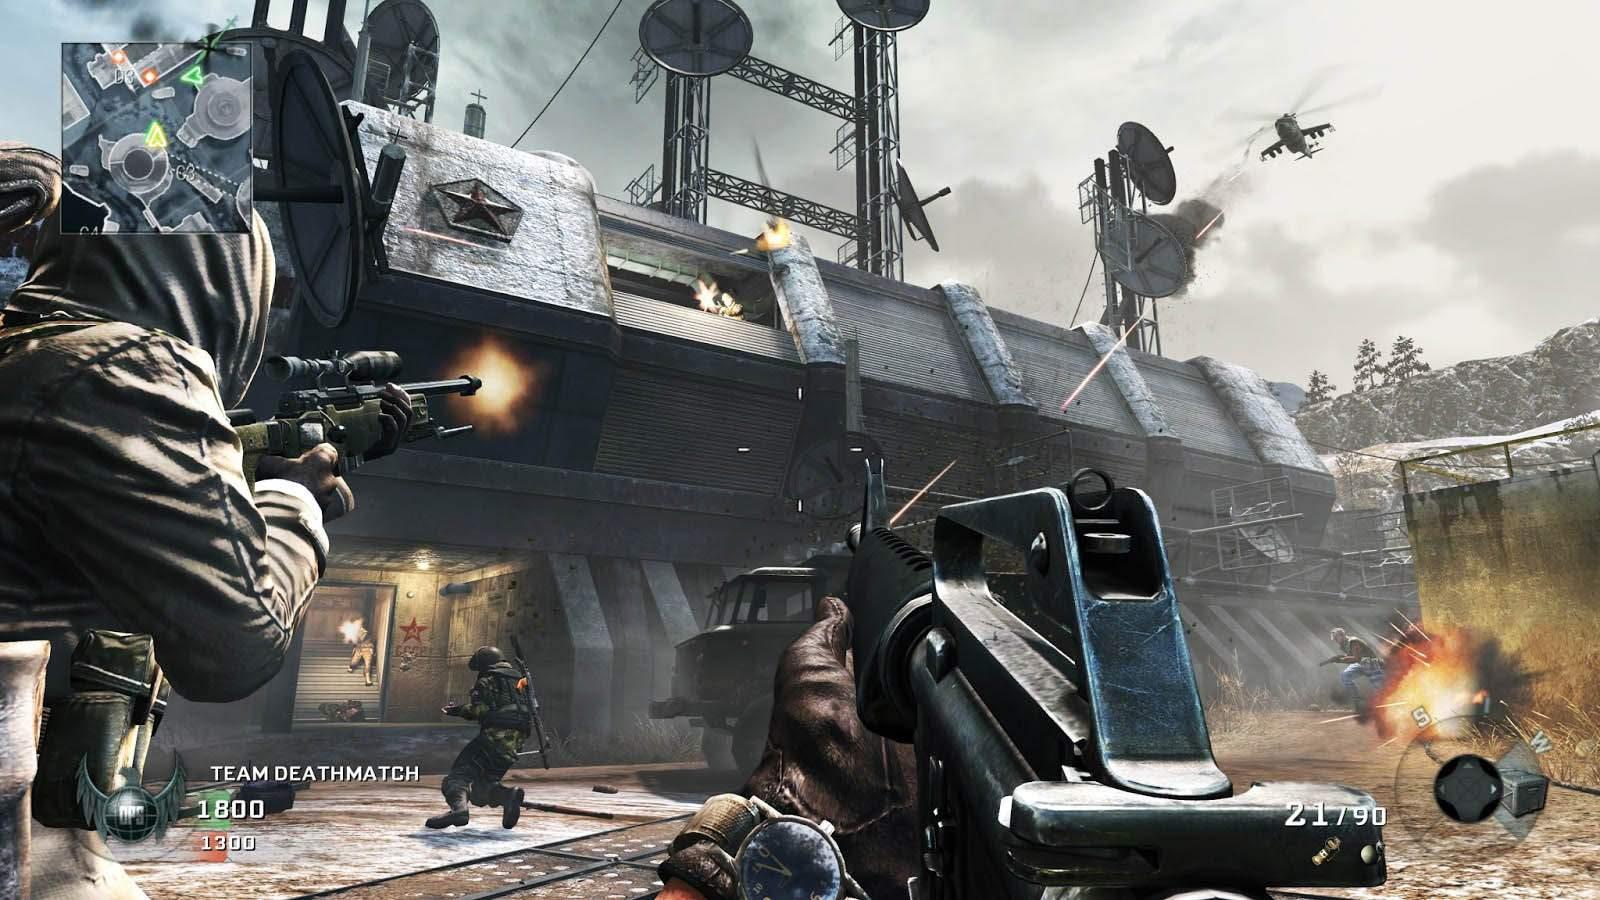 تحميل لعبة Call Of Duty Black Ops 1 مضغوطة برابط واحد مباشر كاملة مجانا